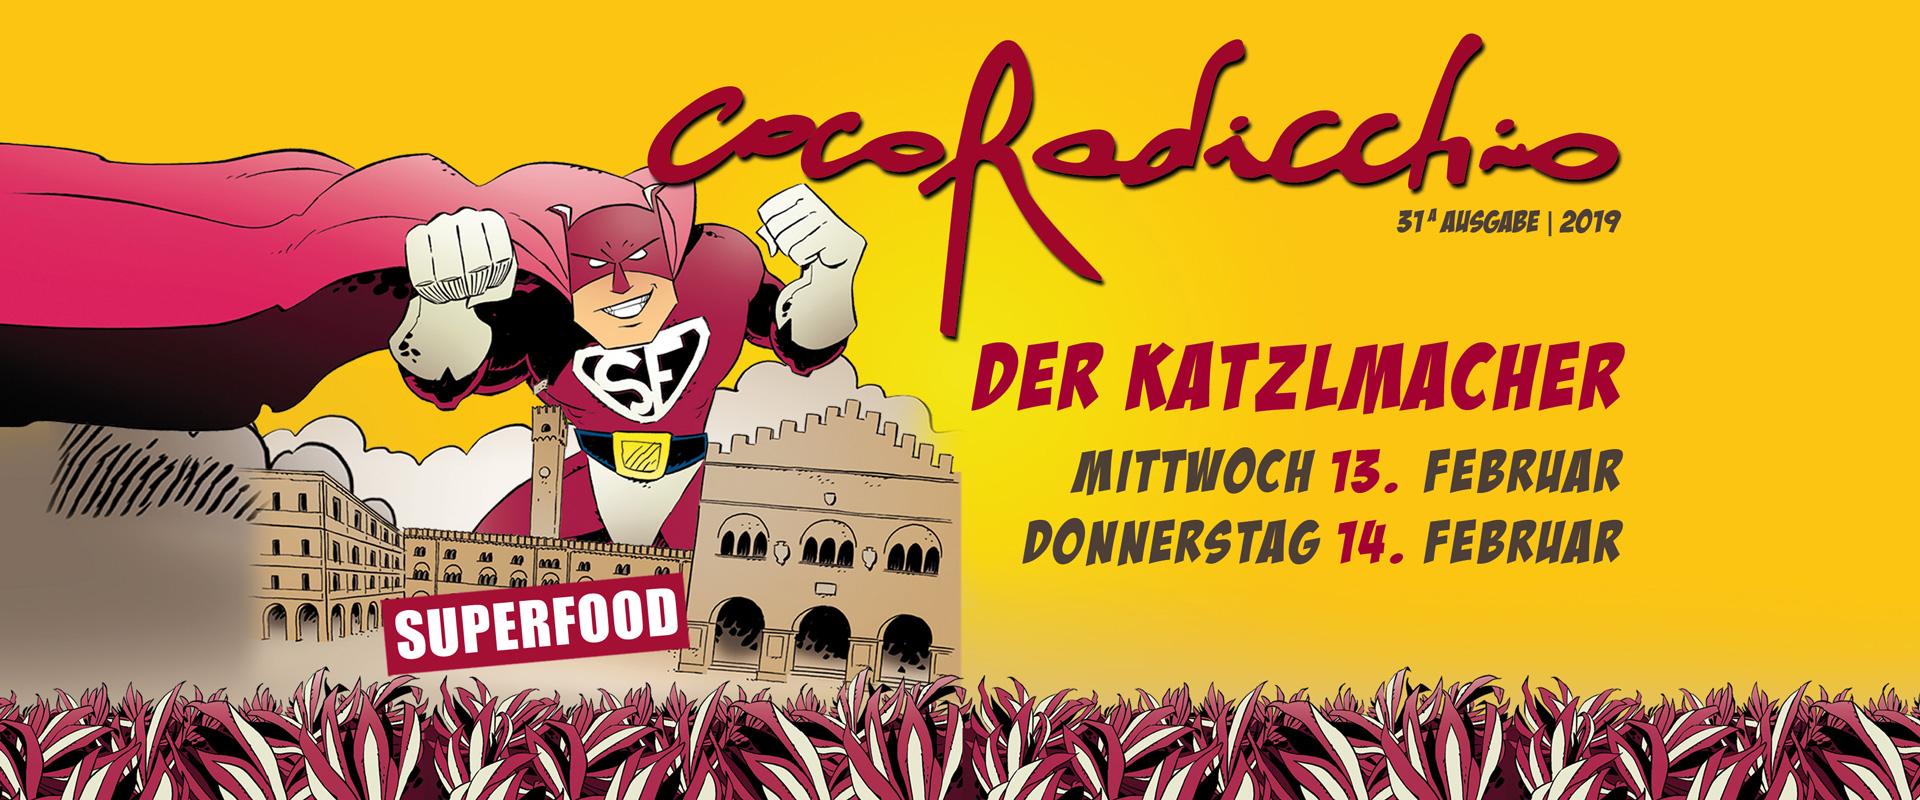 CocoRadicchio